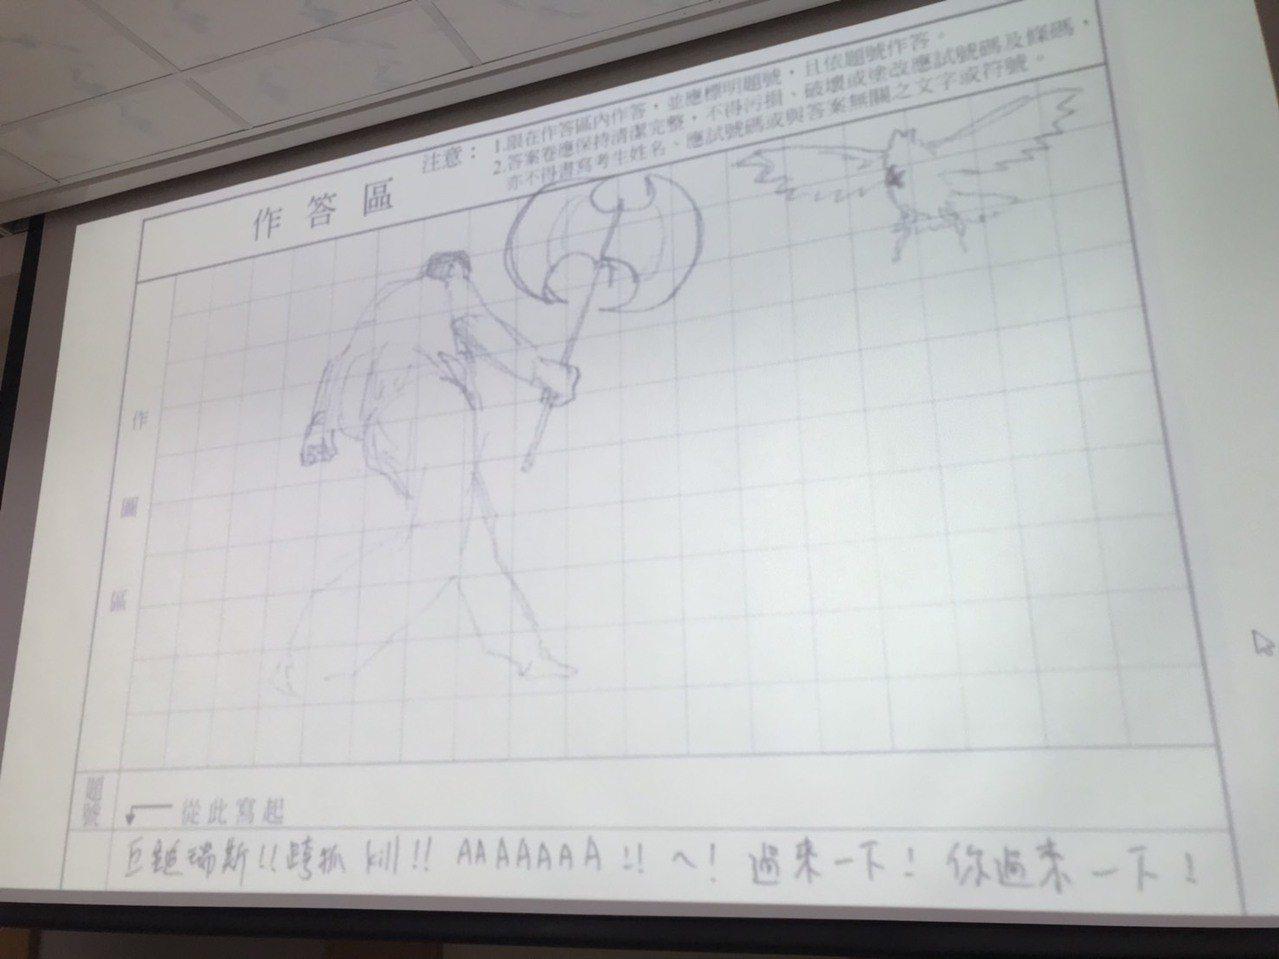 有考生在試卷上畫遊戲英雄聯盟(LOL) 的一個角色巨鎚瑞斯,並寫上文字「巨鎚瑞斯...